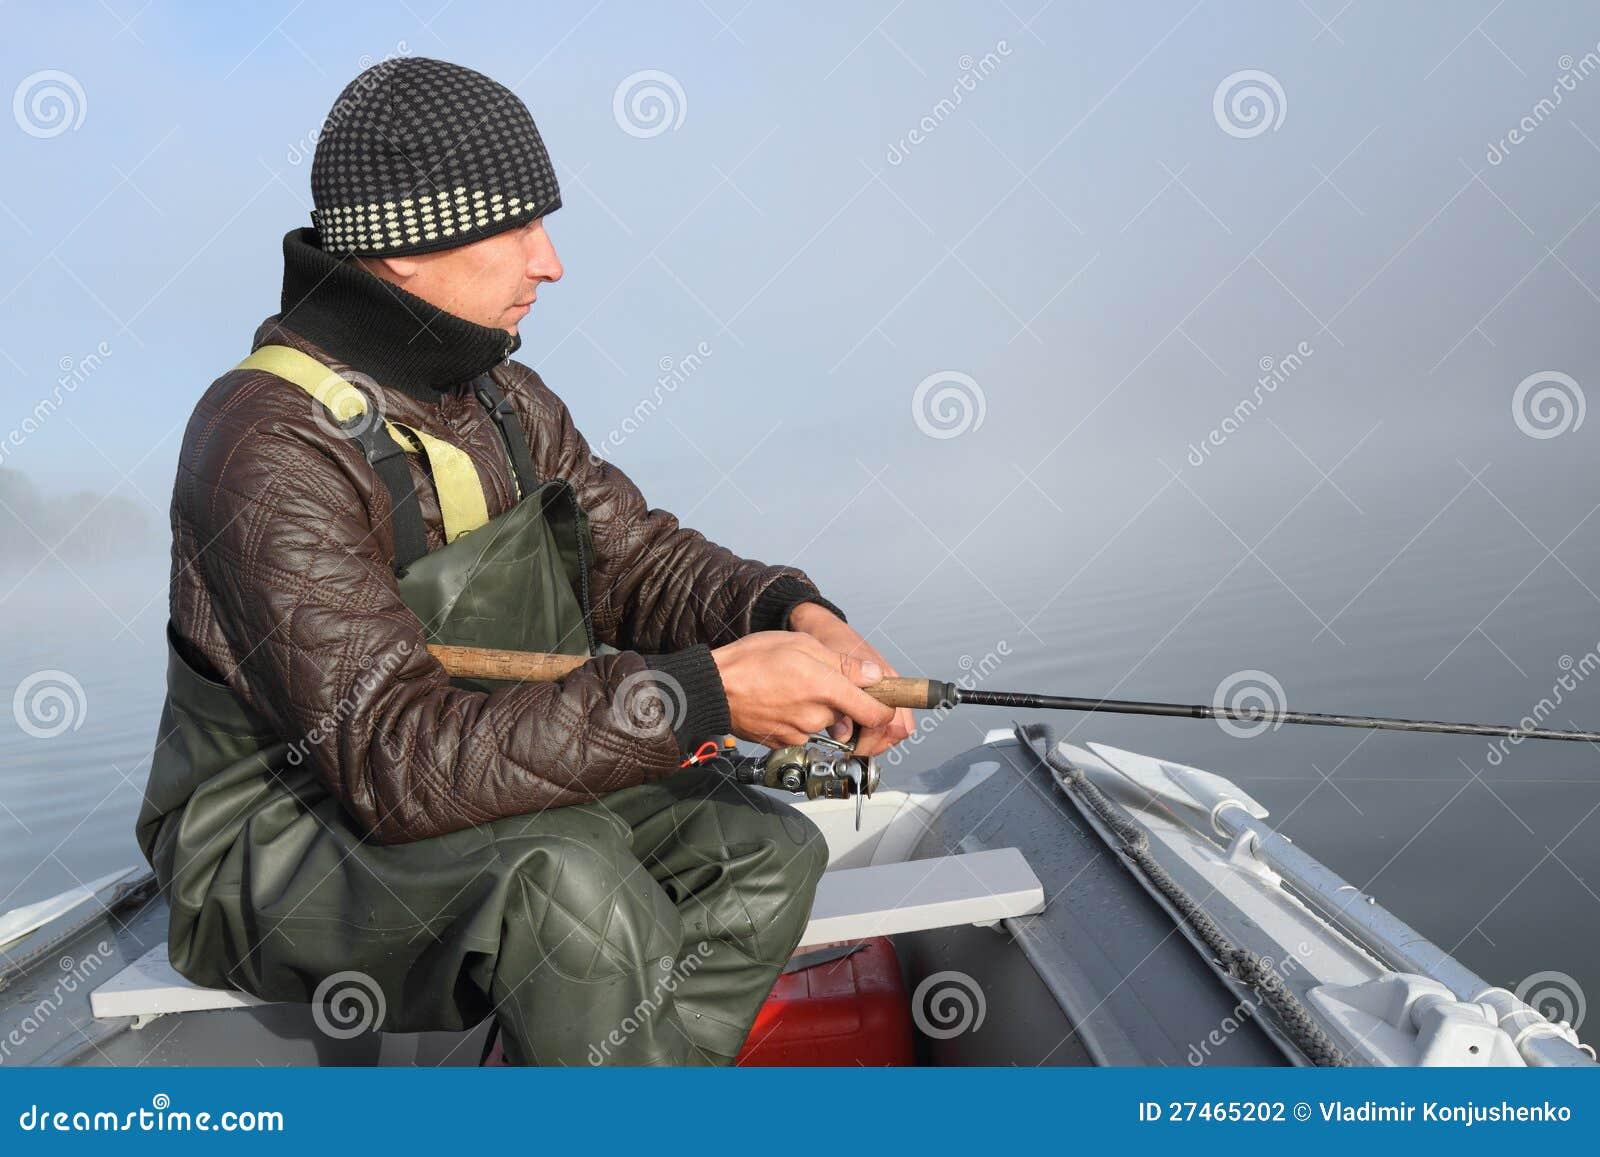 Фото на рыбалке парней 21 фотография